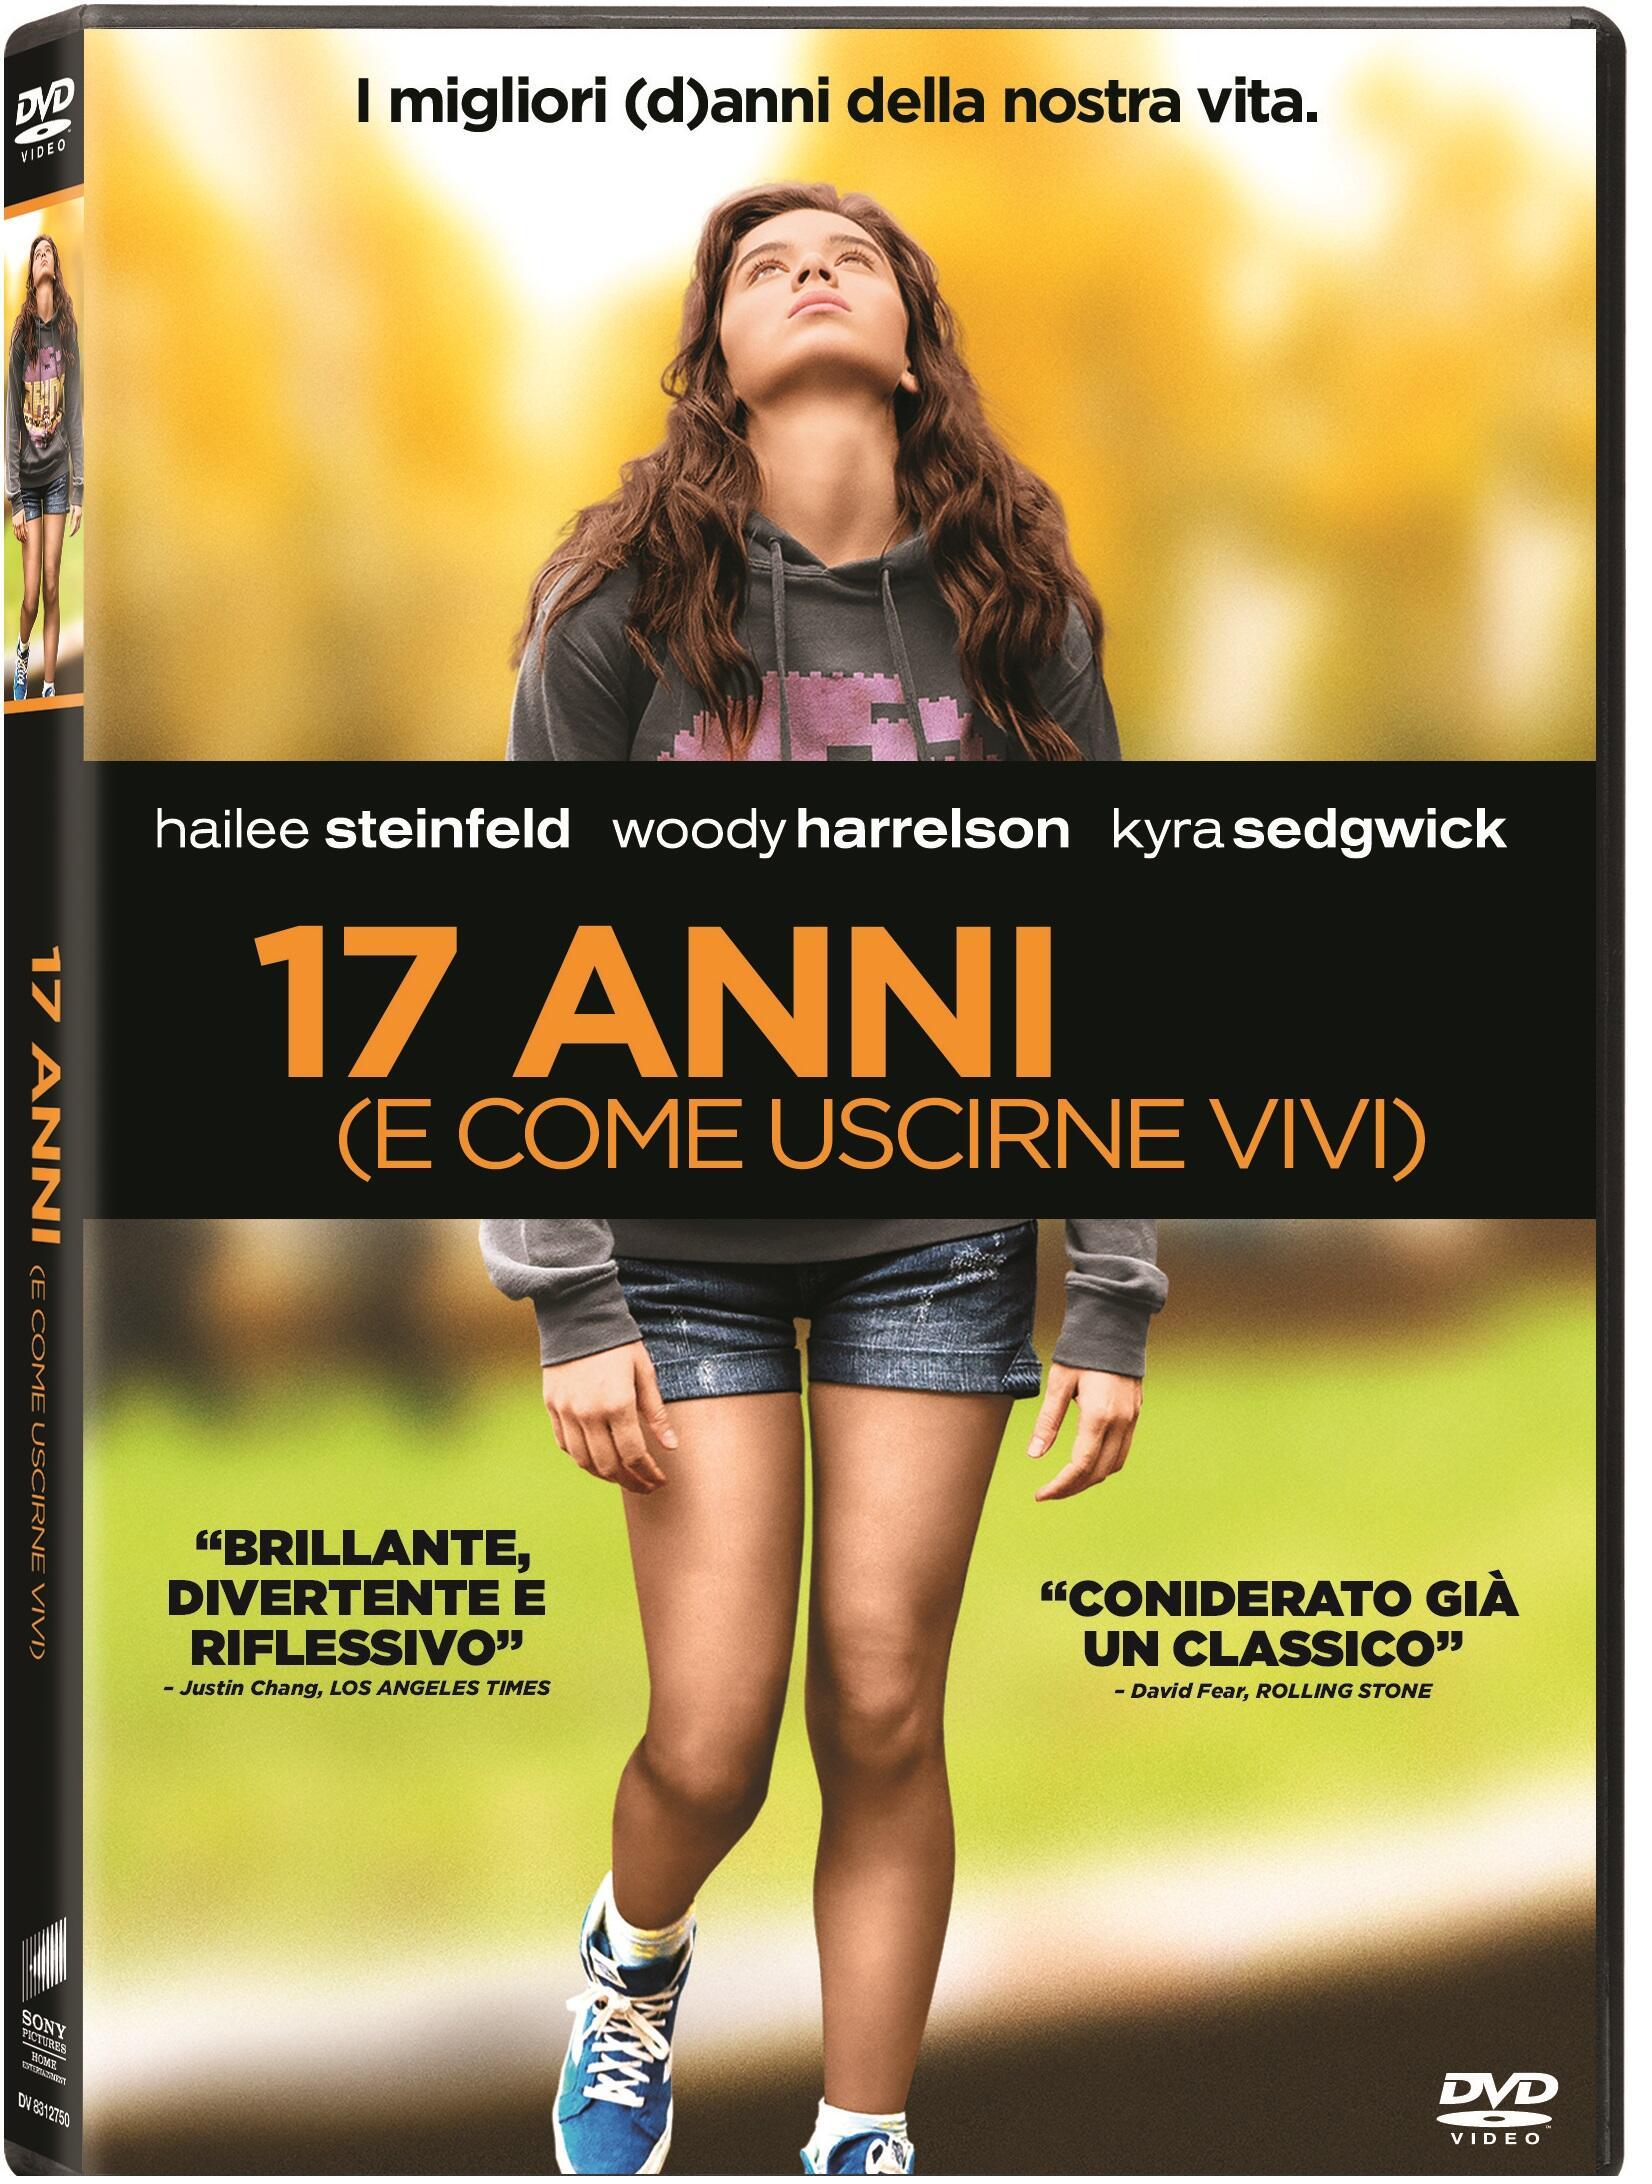 17 anni (e come uscirne vivi) (2016) - Film Simili | I ...